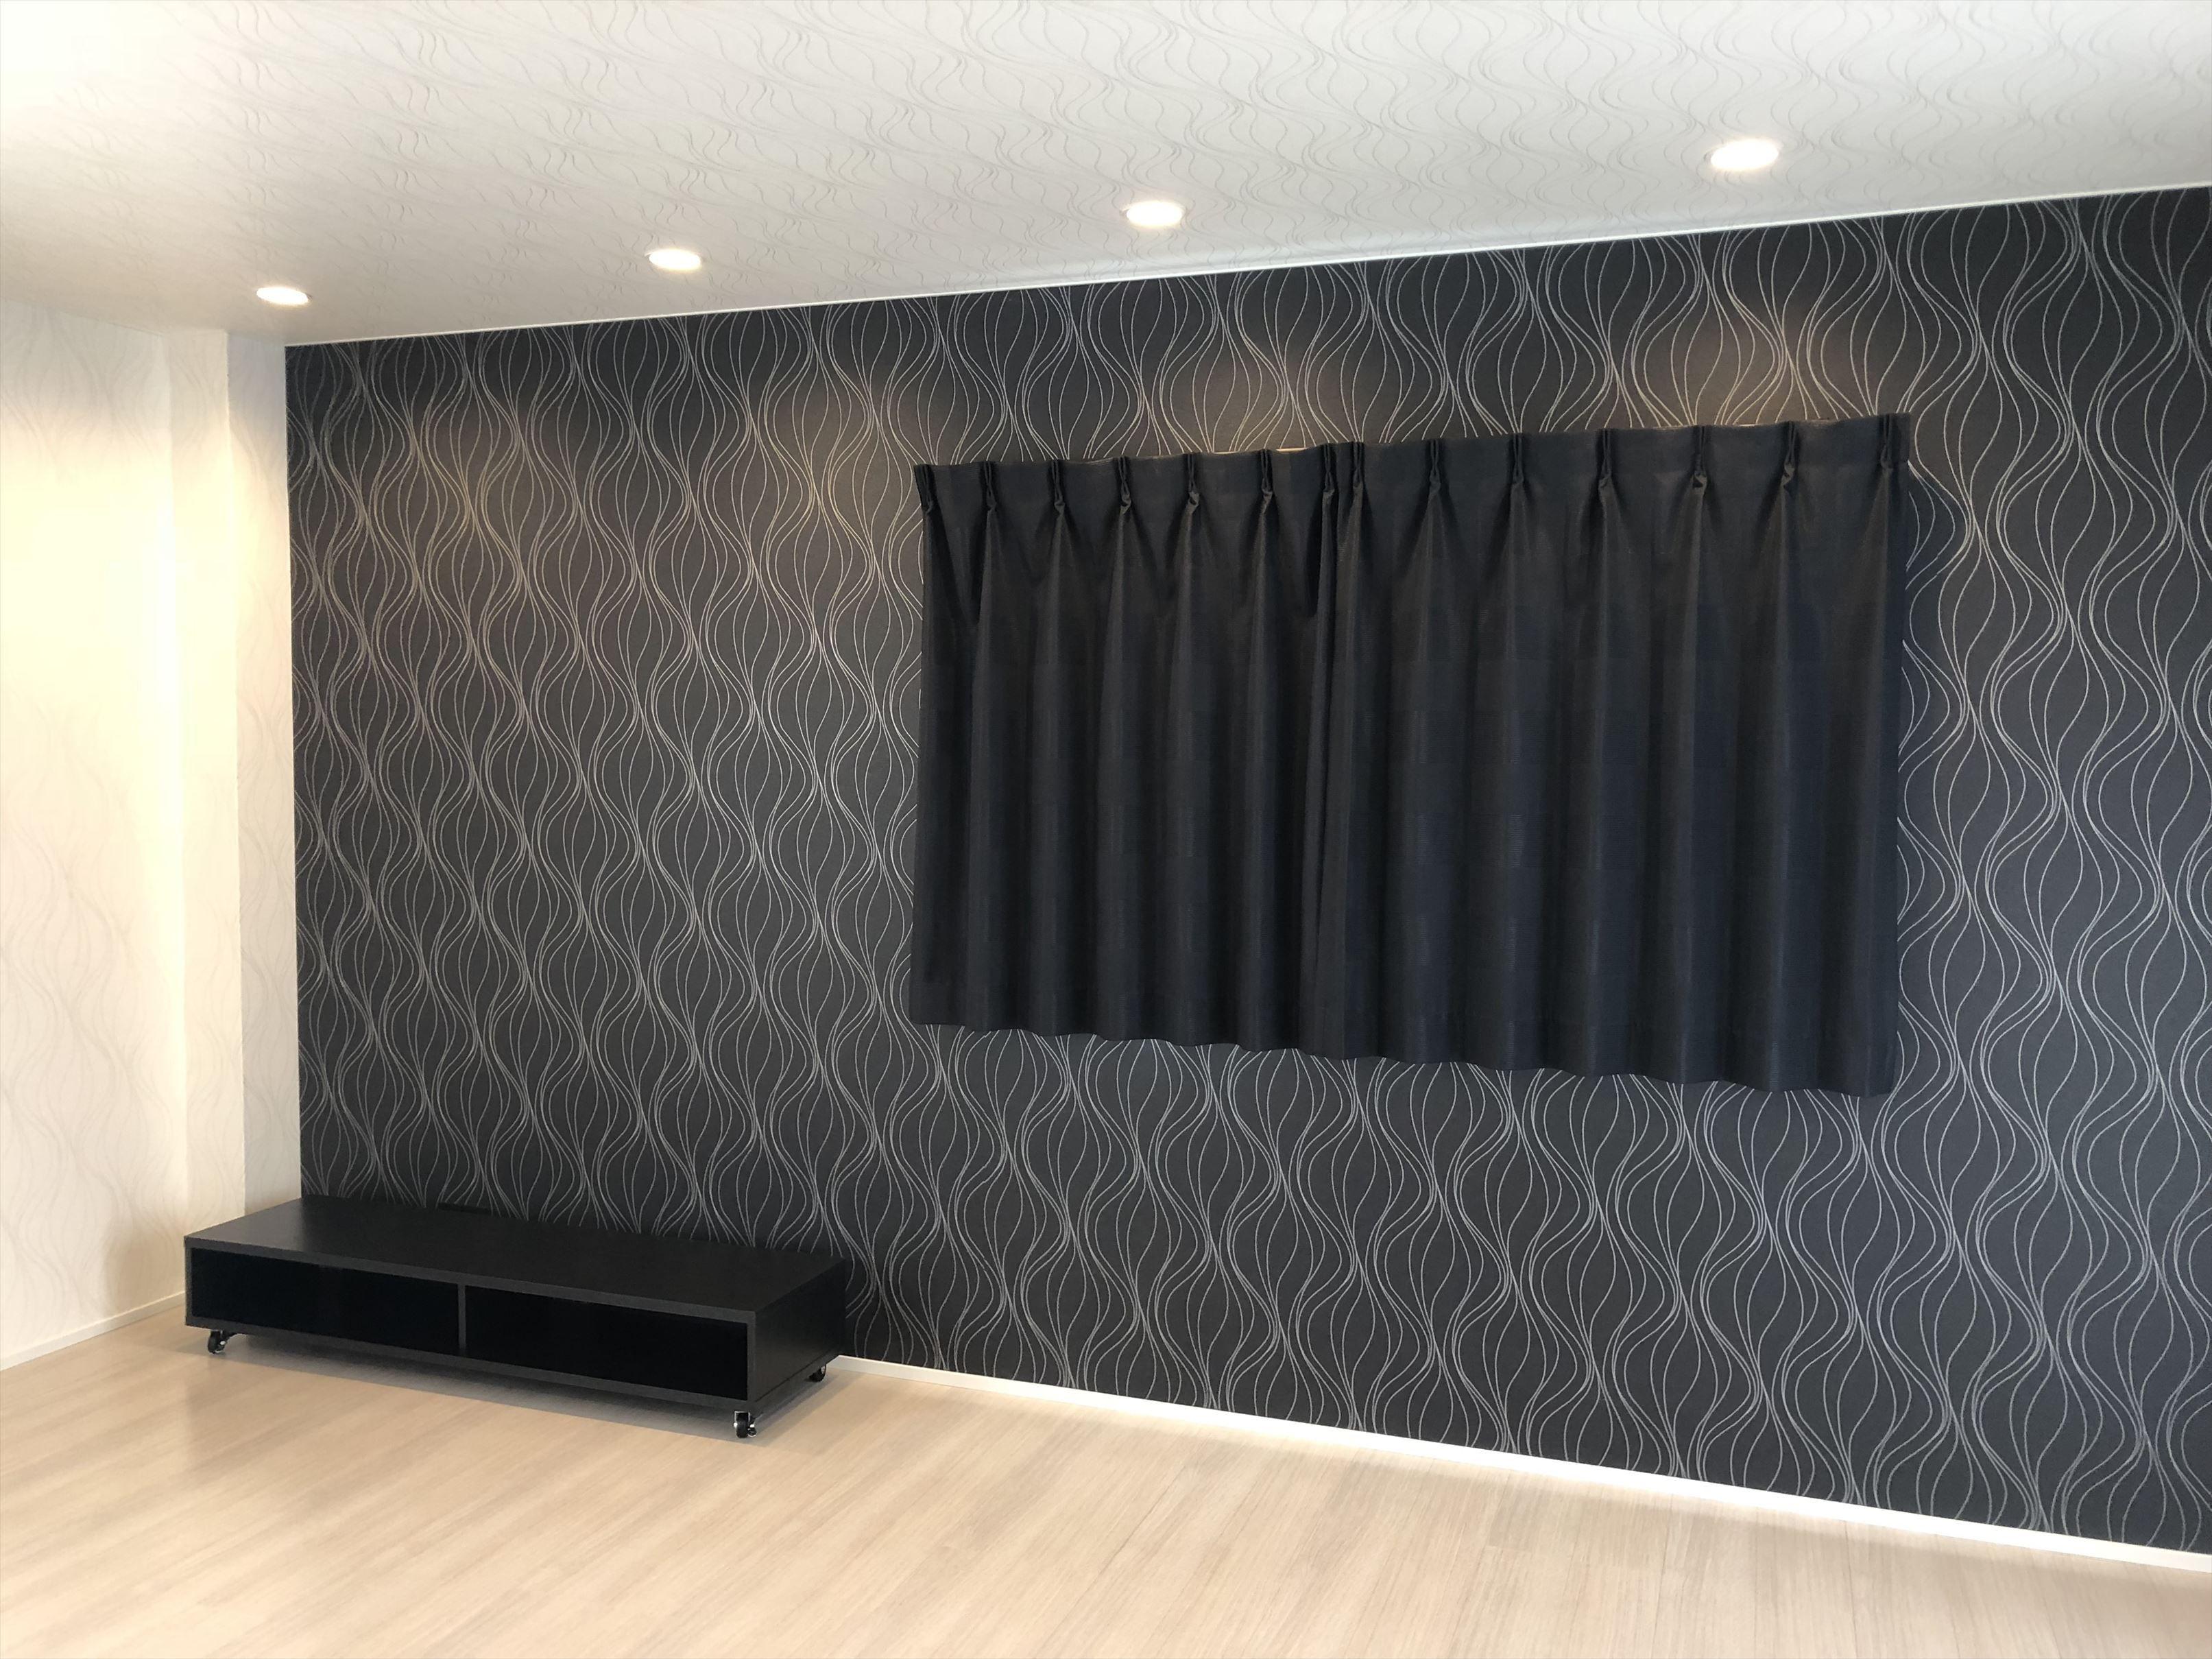 黒のカーテンです★ | カーテン, カーテンコール